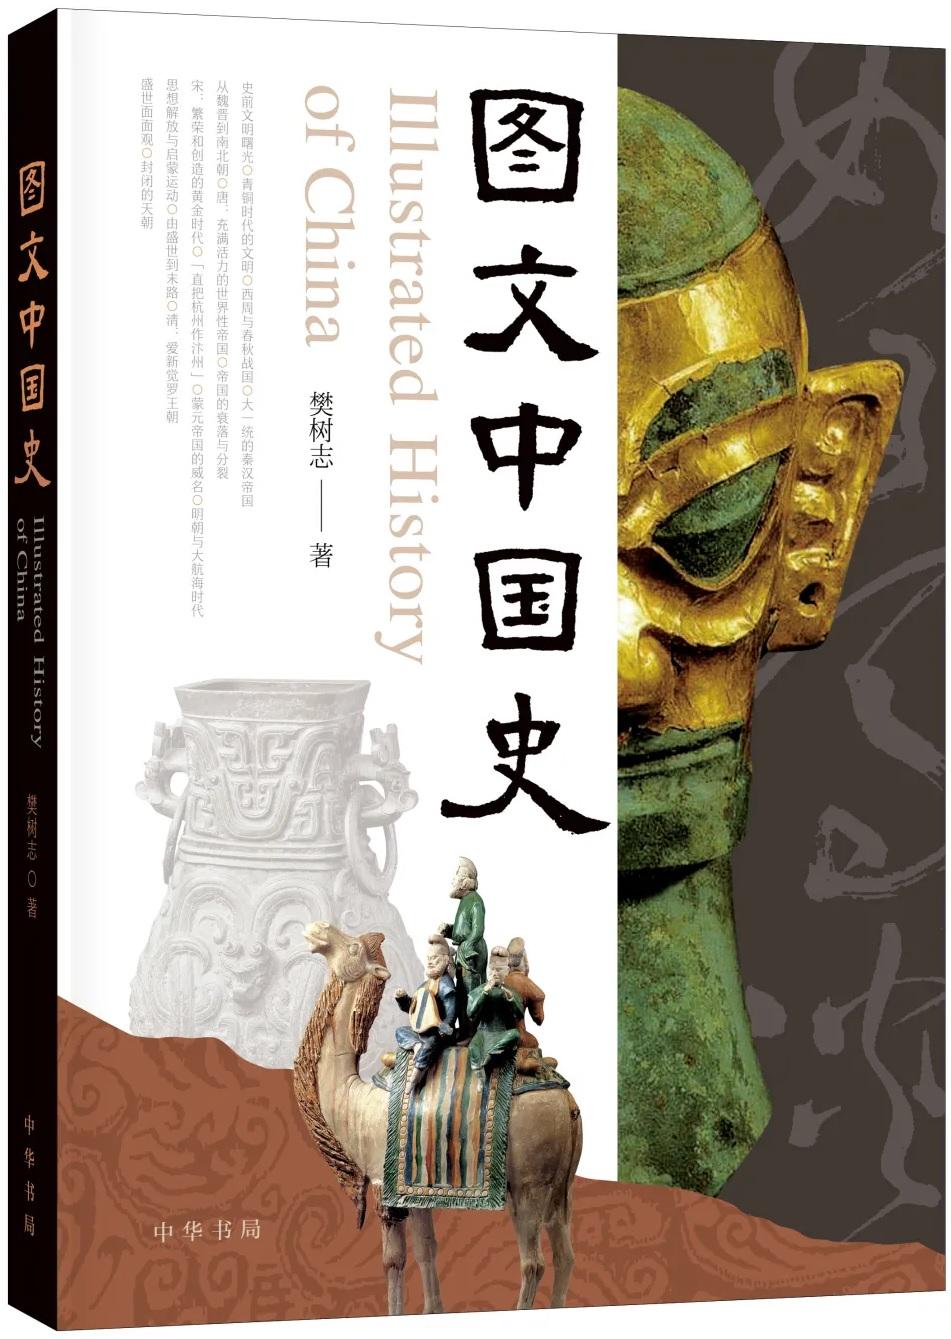 图文中国史.jpg